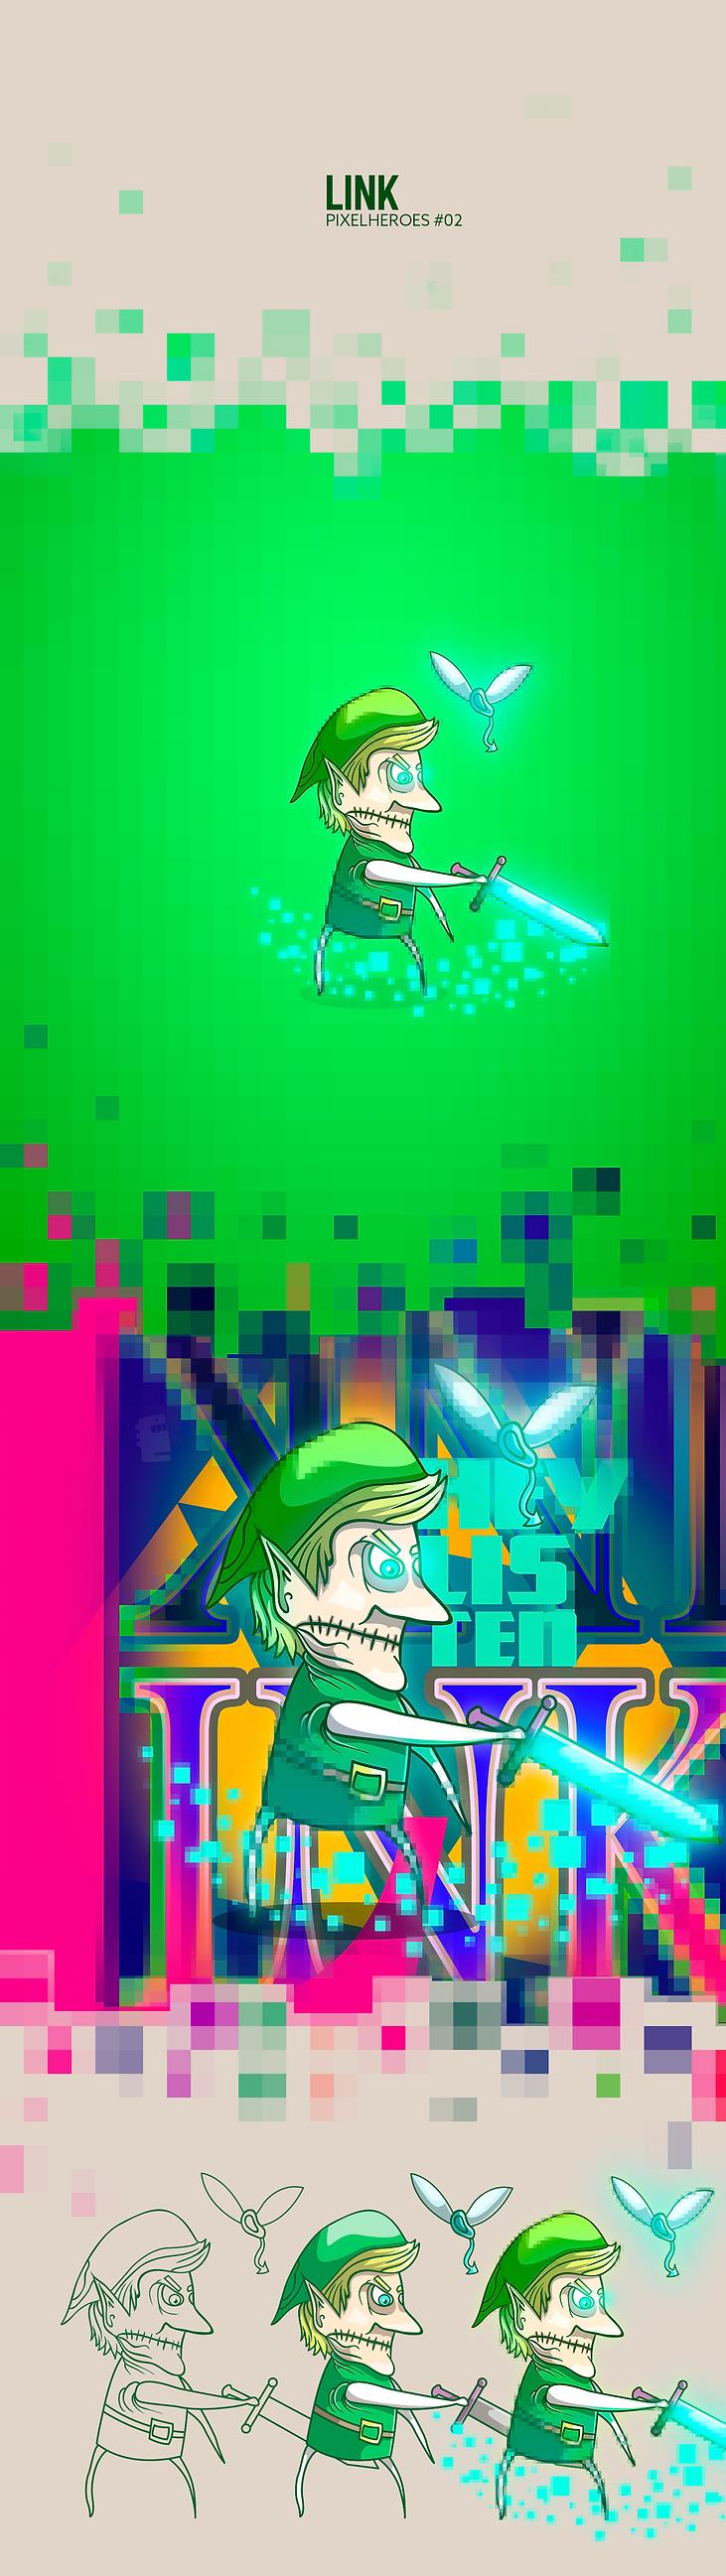 Behance---Pixelheroes-#02---Link.png